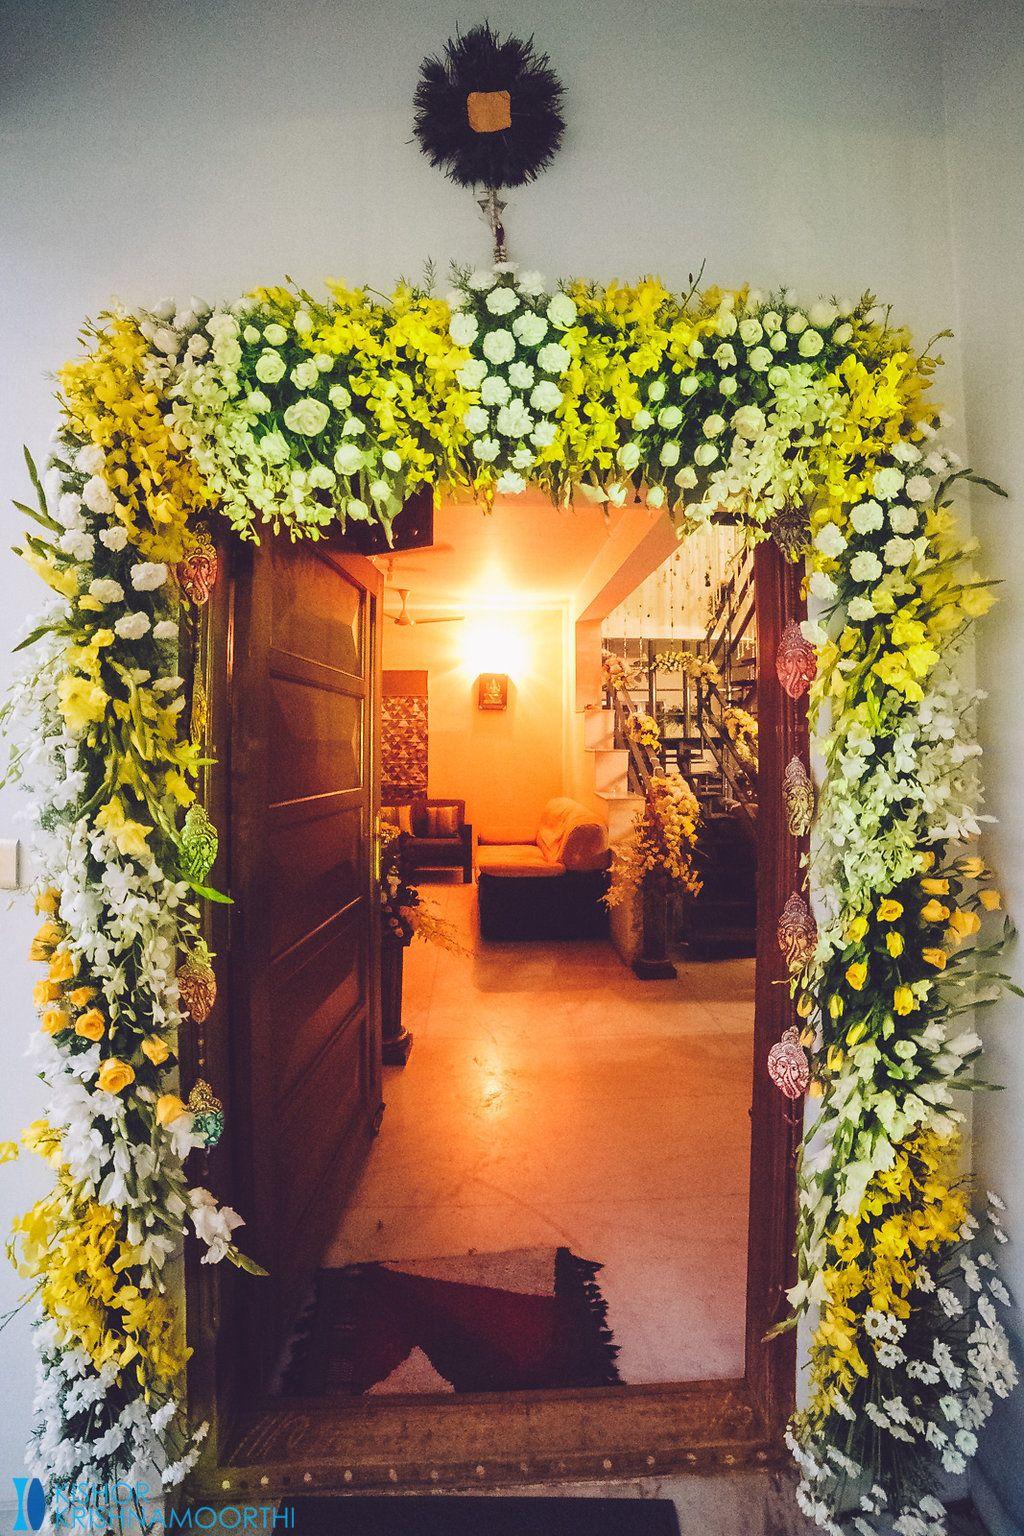 Simple wedding stage decoration at home  Prathamesh Lad ladprathamesh on Pinterest